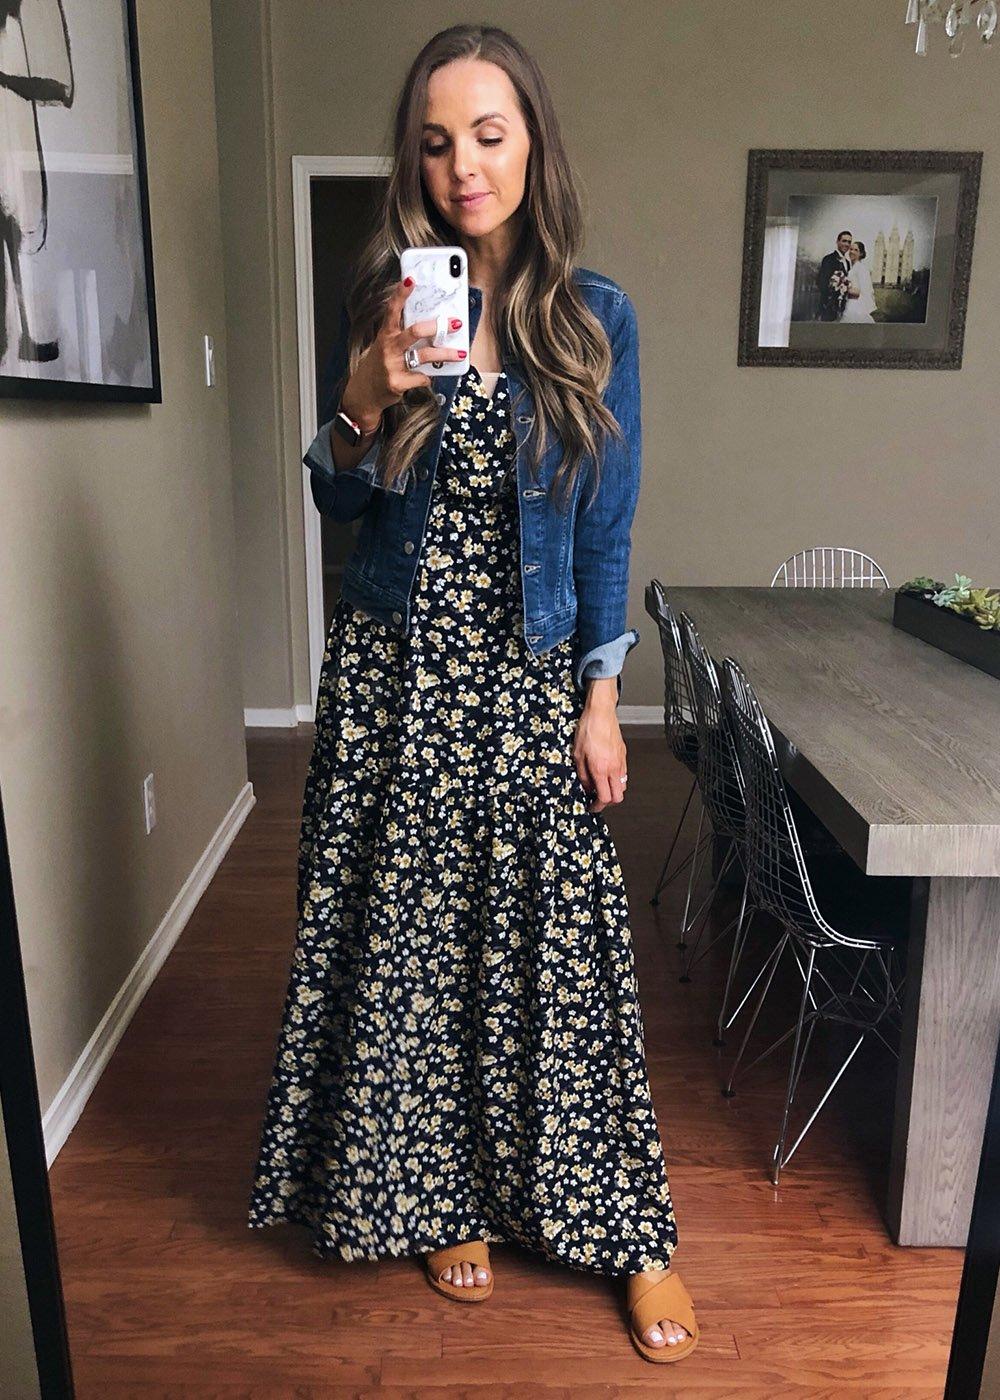 black floral dress and denim jacket | instagram outfits